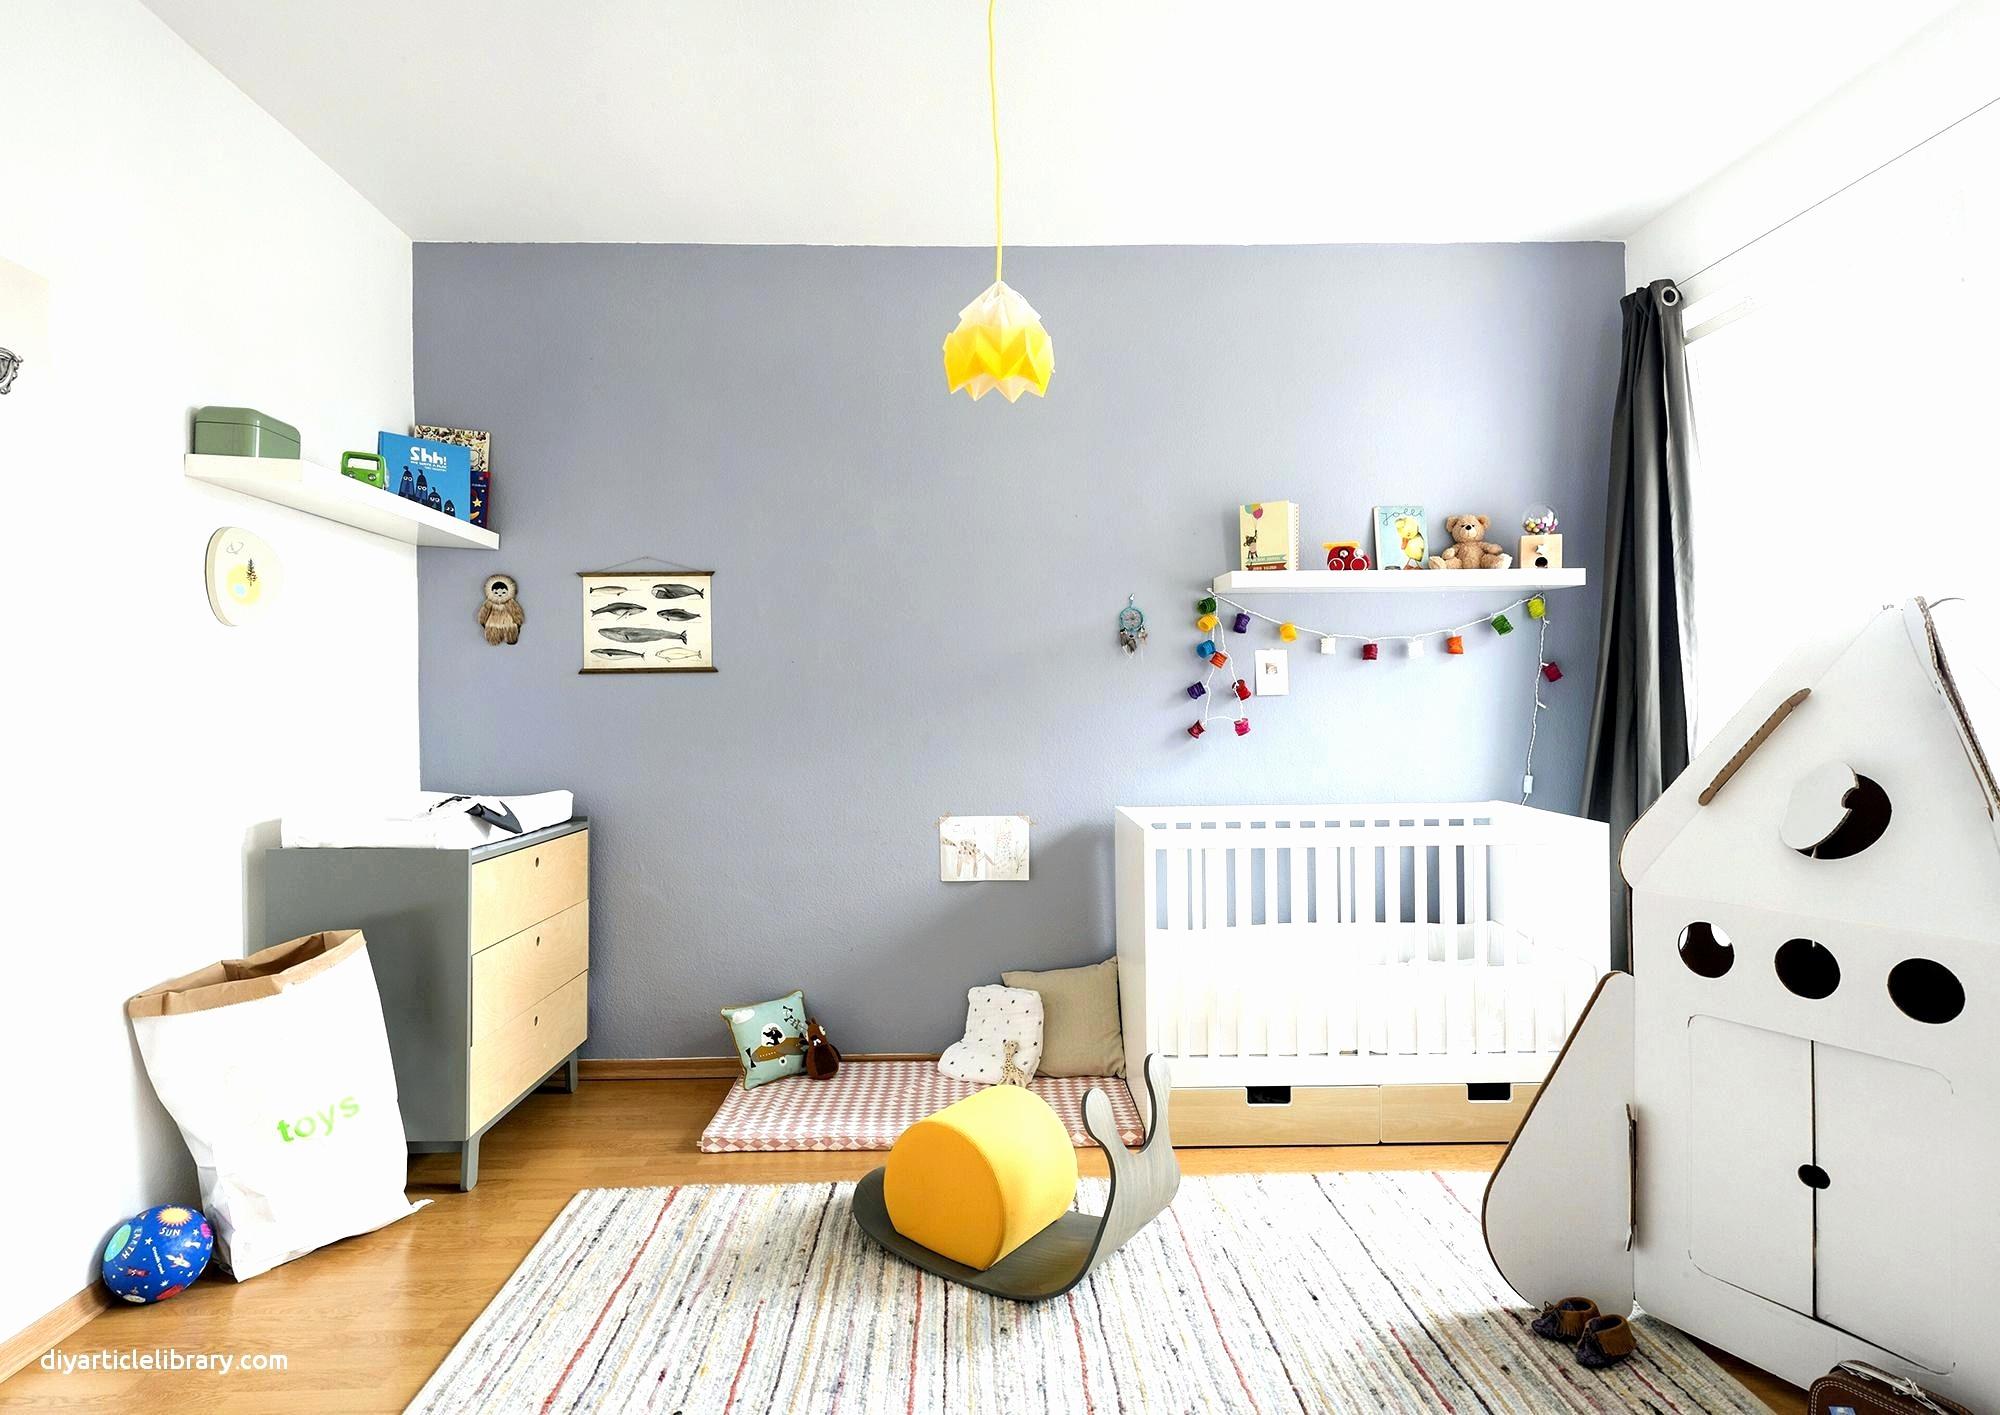 wandgestaltung wohnzimmer ideen luxury wandfarbe gestalten schn unglaublich buro wandgestaltung wohnzimmer ideen luxury wandfarbe gestalten schon buro 0d of